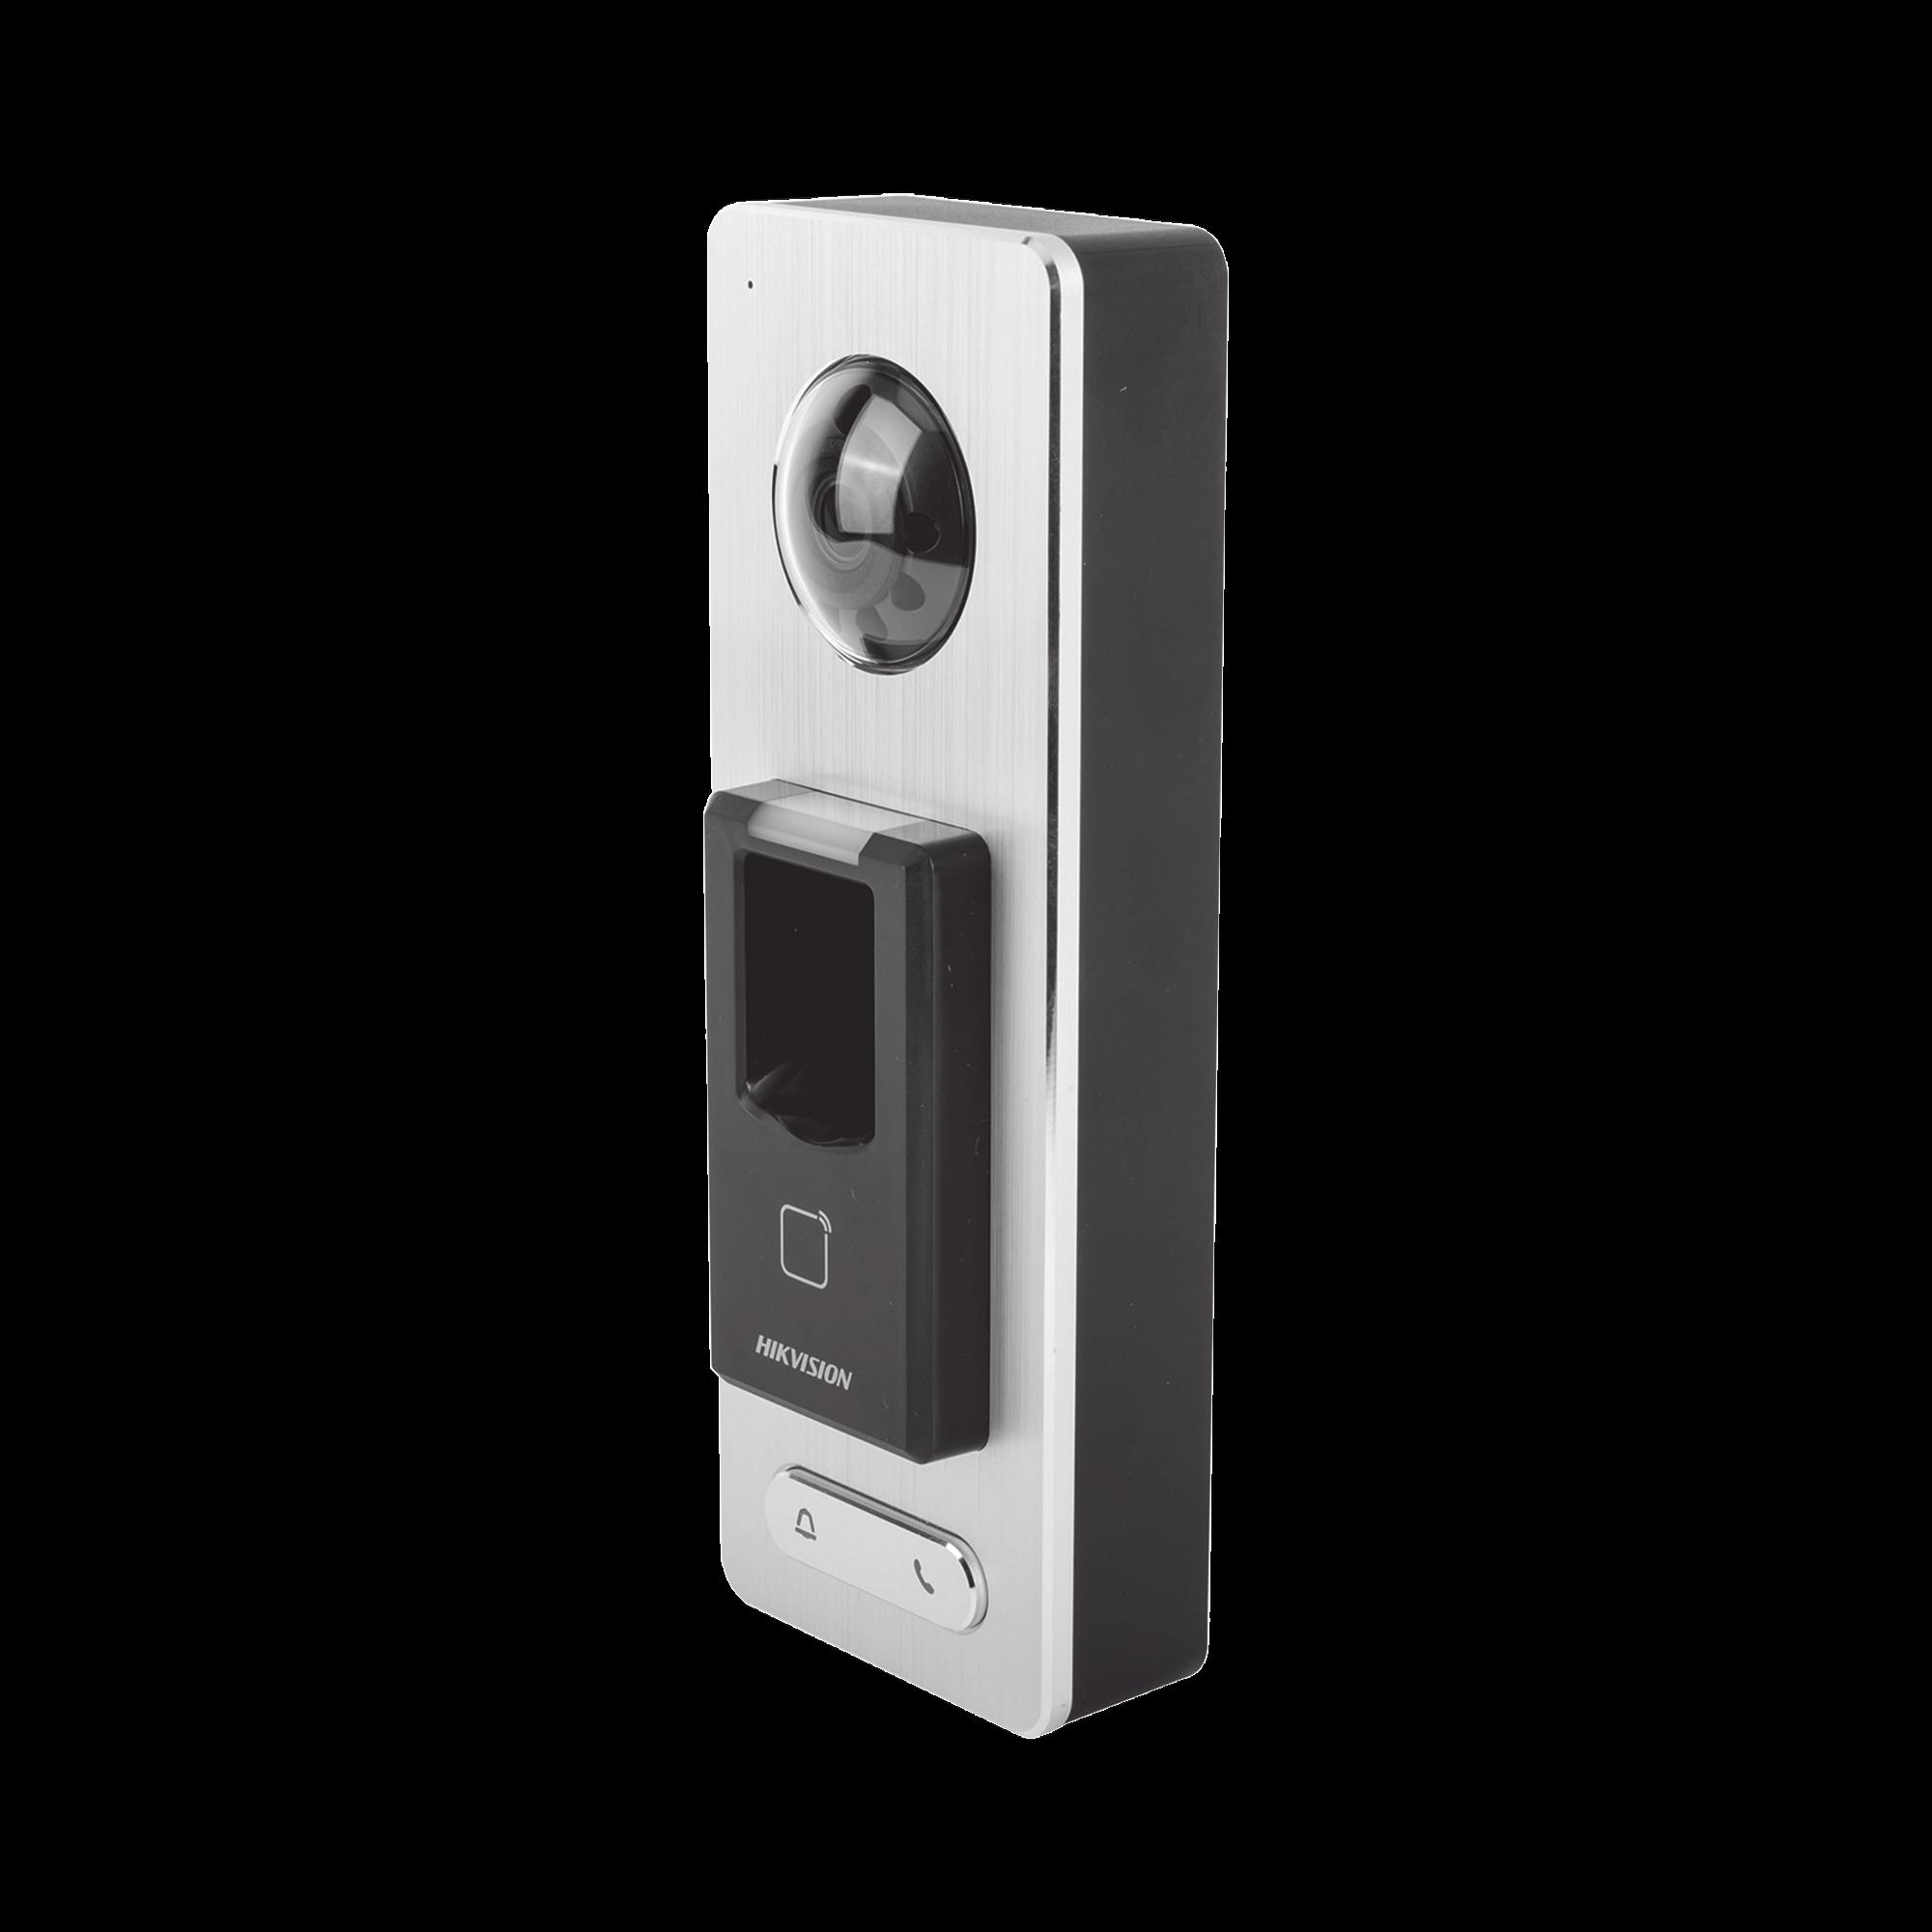 2 EN 1 / Lector Biométrico con Función de Videoportero Incluida/ Llamada a APP de Smartphone Hik-Connect P2P (No requiere monitor) / IP65 / Soporta Tarjetas - Huellas - Códigos QR / Cámara 2 MP Compatible con DVRs y NVRs